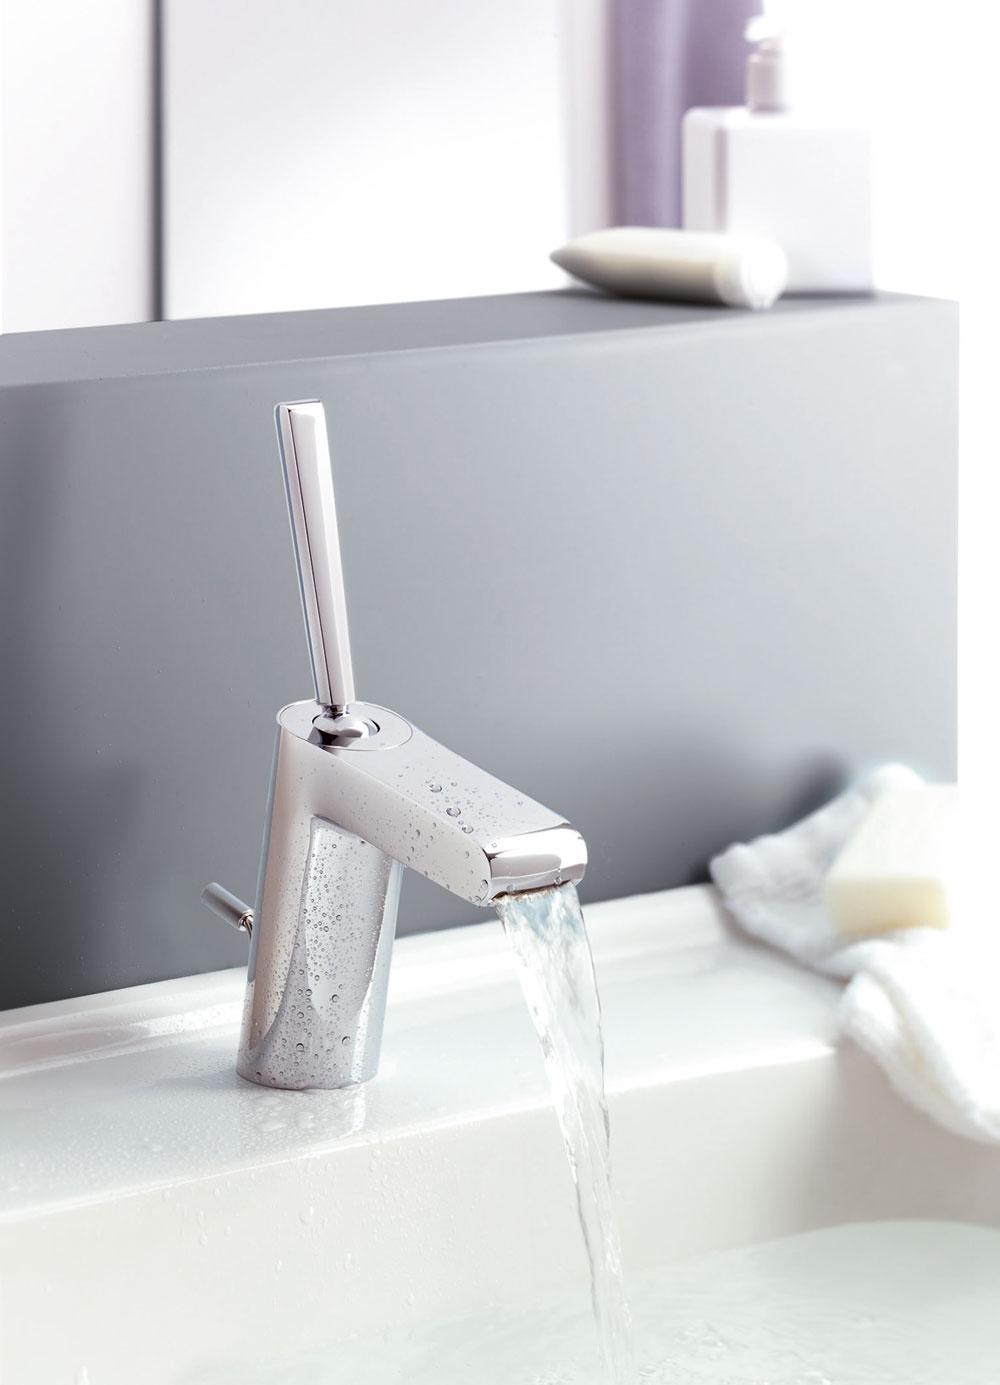 Vrohu sprchovacieho kúta ostáva hluchý priestor, anajmä vmenších sprchách nie je toho priestoru na pohyb veľa. Ak ste majiteľom miniatúrne dimenzovanej kúpeľne, porozmýšľajte nad vhodným typom sprchy, napríklad sadaptérom pre rohovú montáž. Čo ušetríte pri ploche, ktorú zaberá samotná sprcha, to vám ostane na pohodlnejší pohyb pod sprchou.